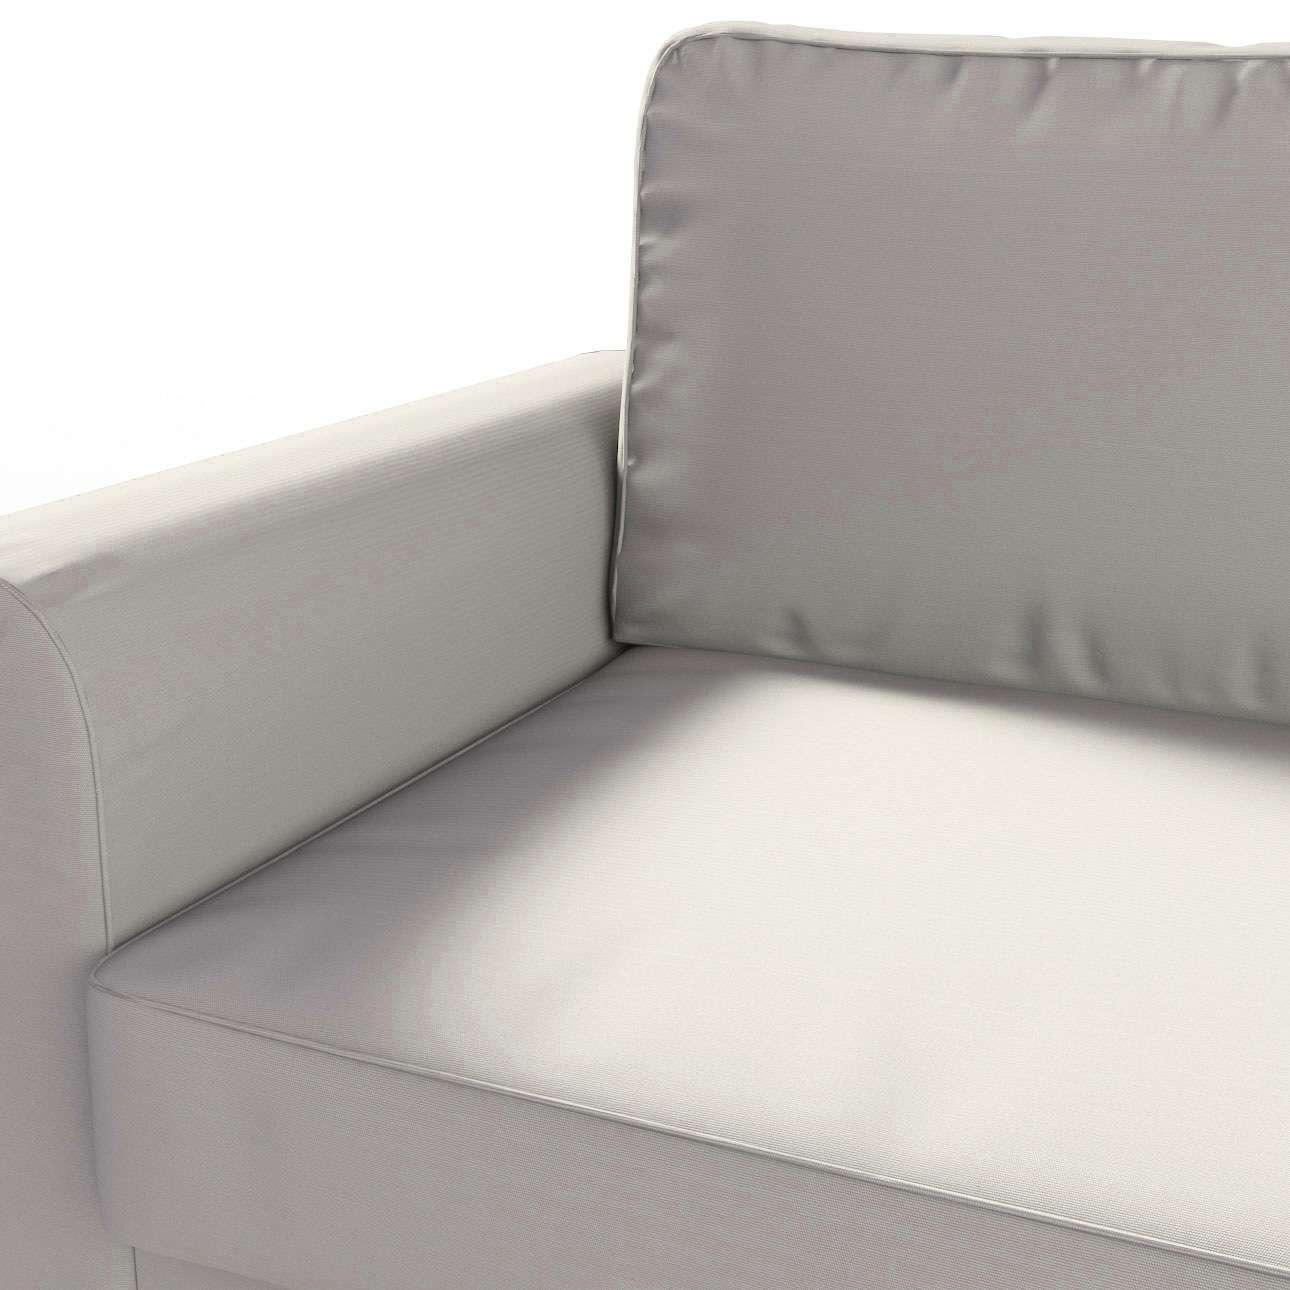 Backabro 3-Sitzer Sofabezug ausklappbar Backabro 3-Sitzer Sofa von der Kollektion Cotton Panama, Stoff: 702-31